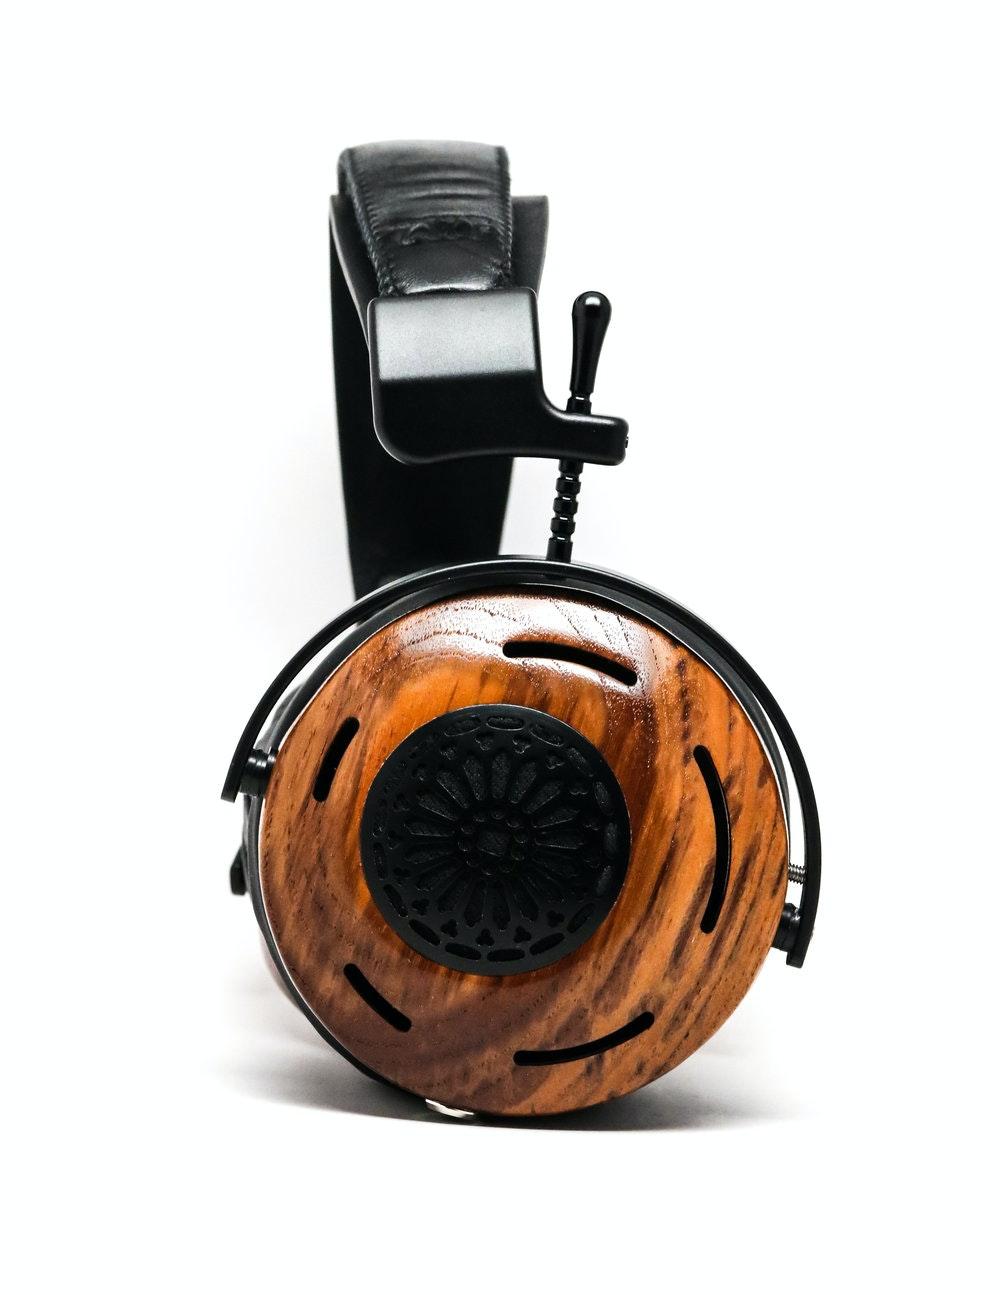 ZMF Auteur Teak — ZMF Headphones